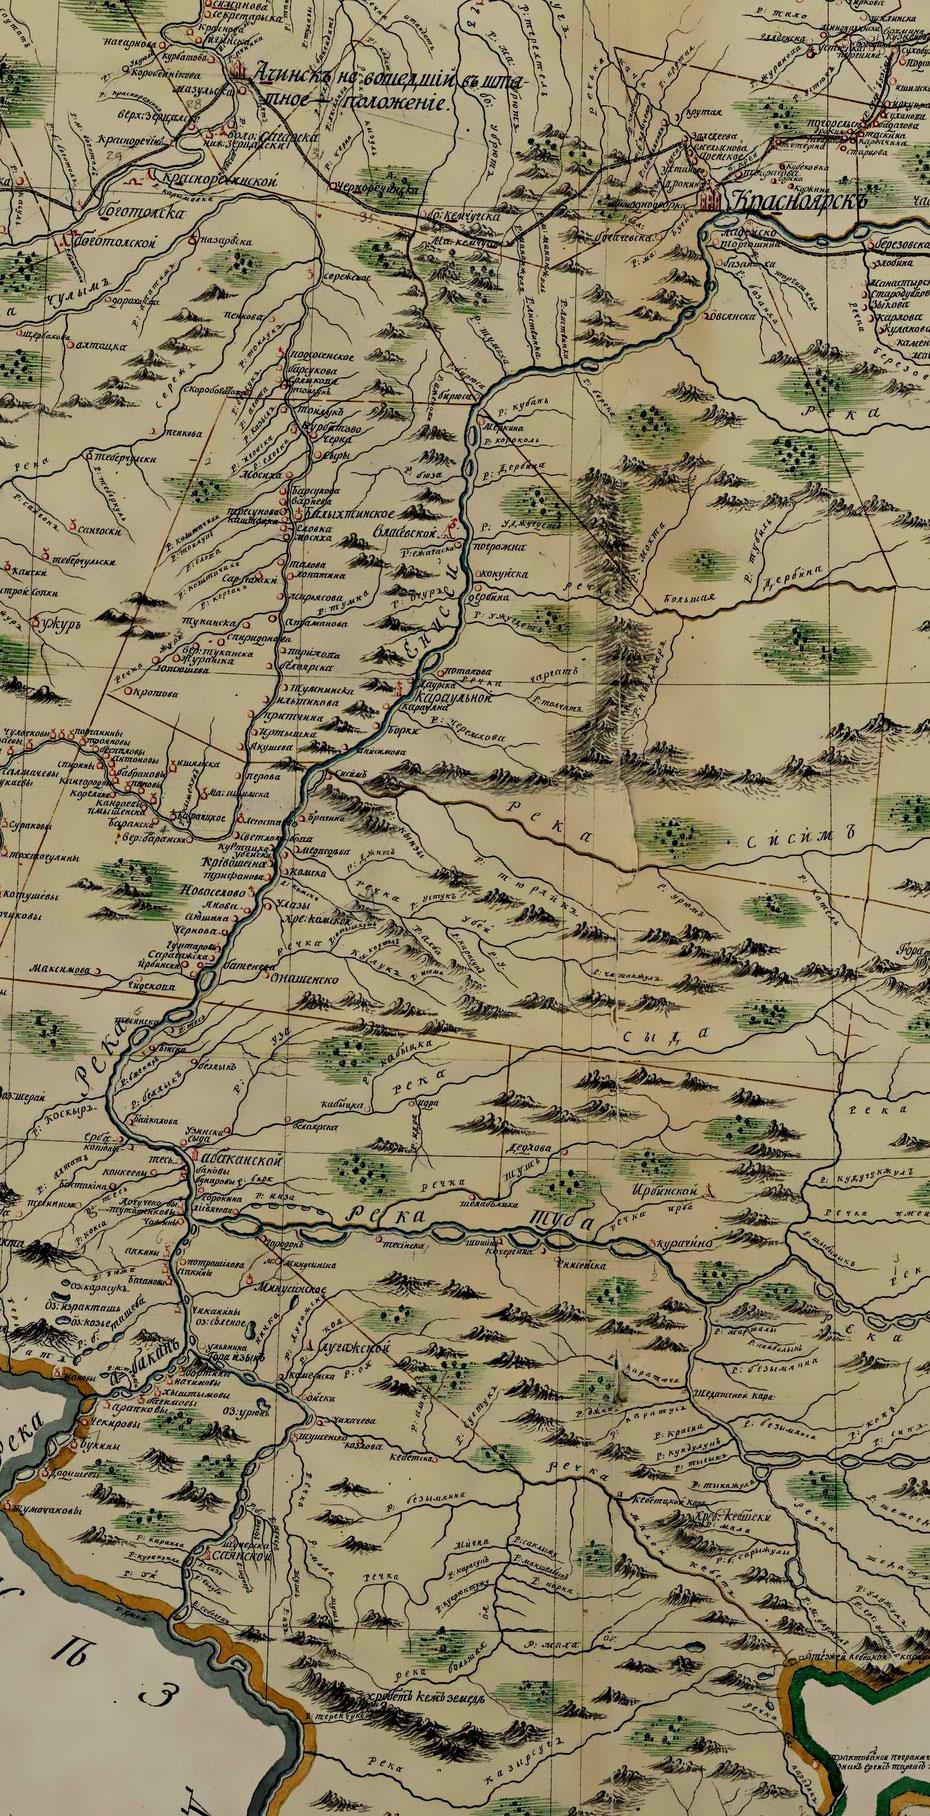 Карта Енисейской губ. 1825 г. с указанием мест расселения инородцев